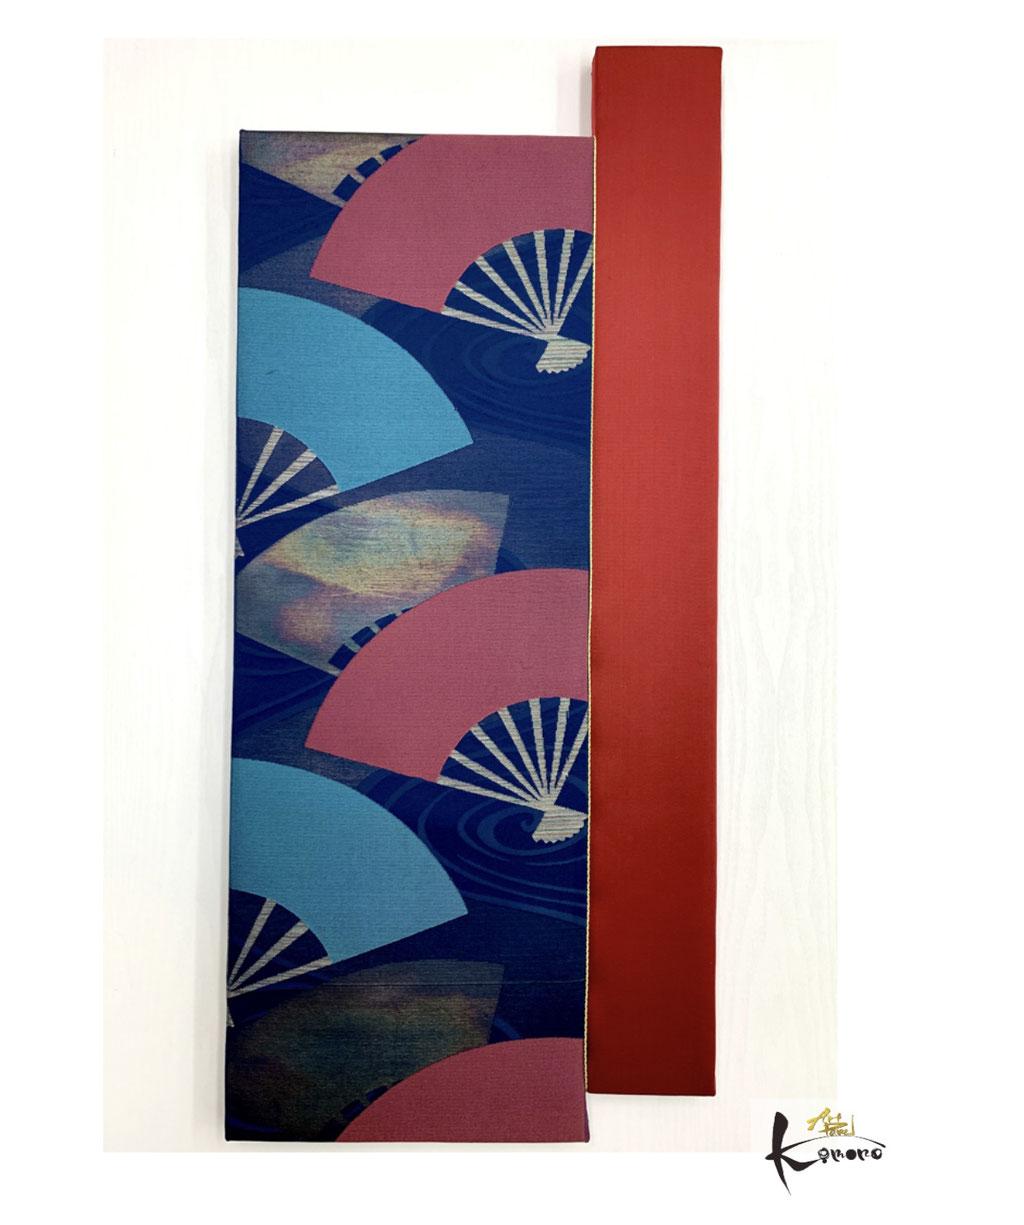 アートパネル 和風インテリア アートパネルキモノ ホテルインテリア 旅館インテリア アート 書道家 桑名龍希